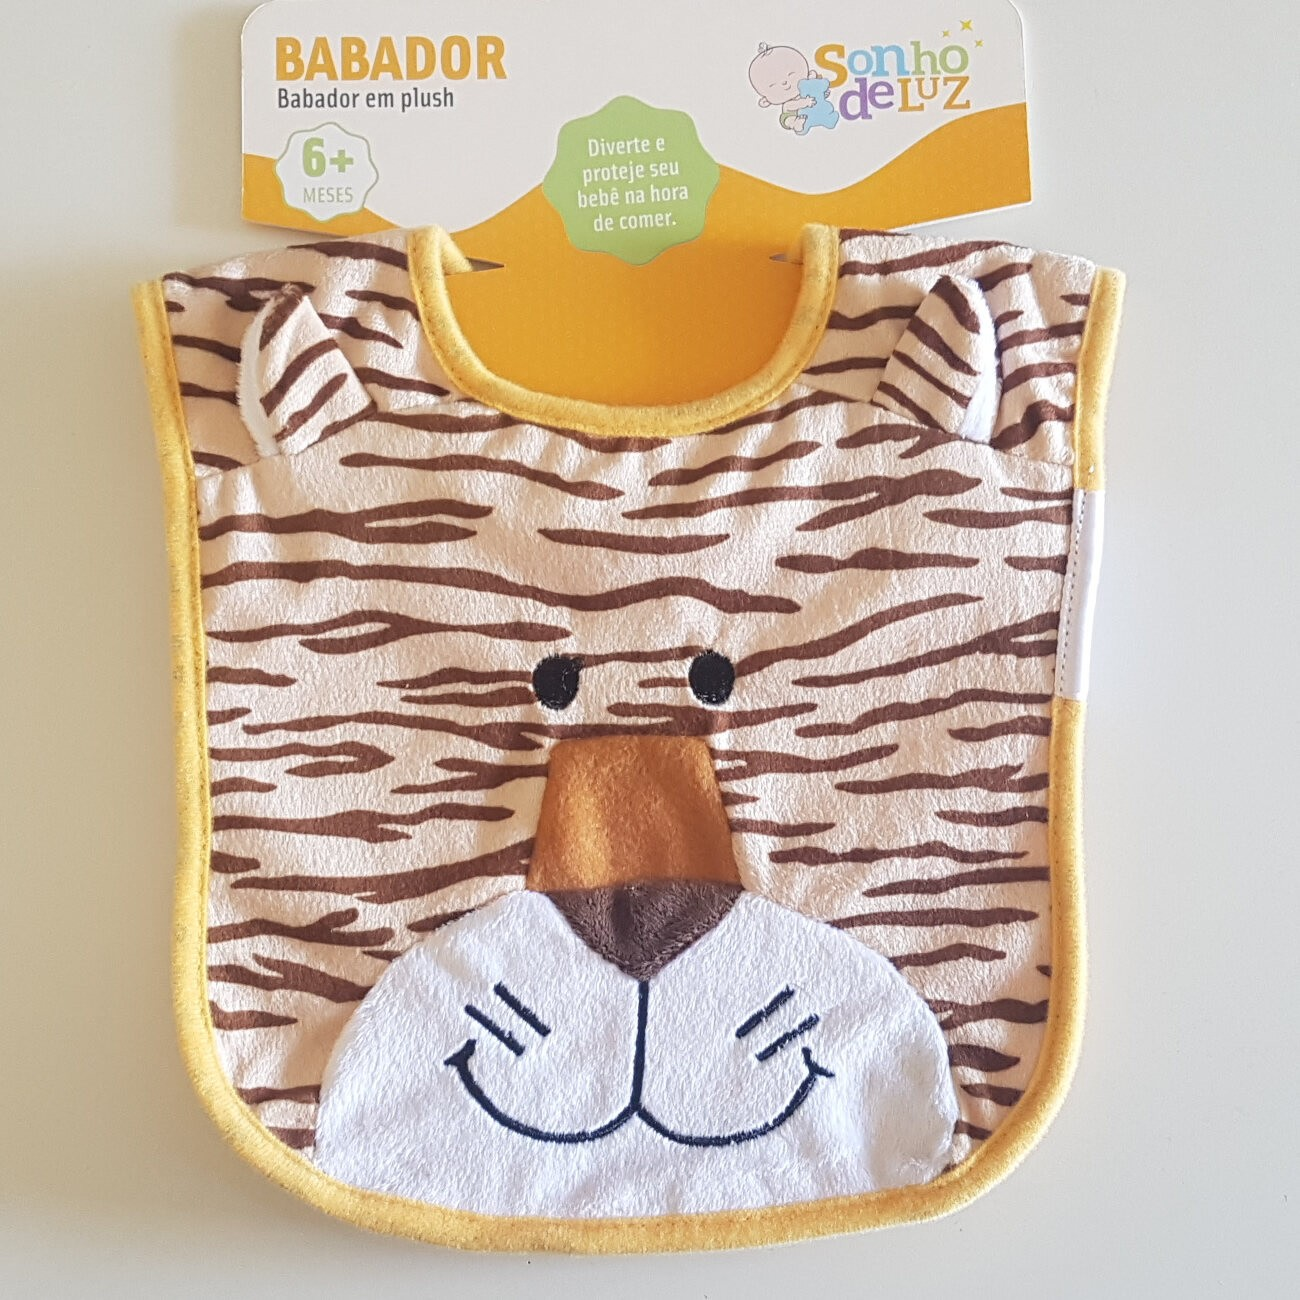 Babador Tigre Sonho de Luz